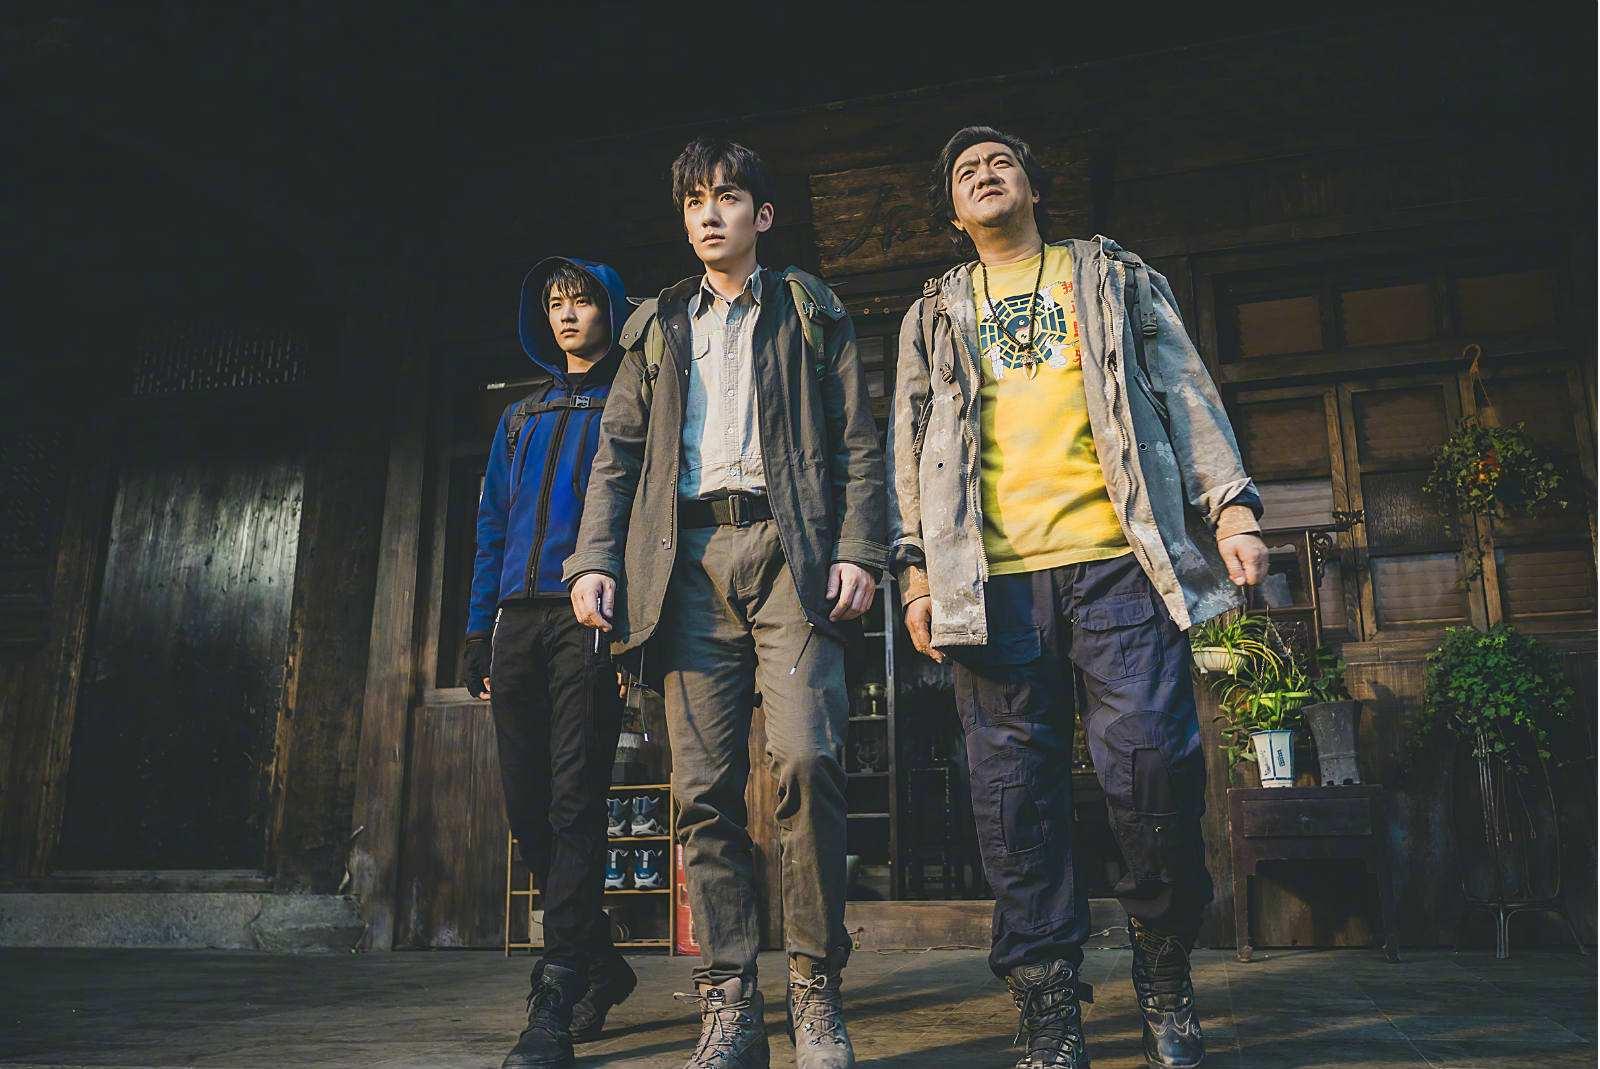 《重启》第二季揭秘:杨迪饰演新角色,吴邪病愈,焦老板深藏不漏